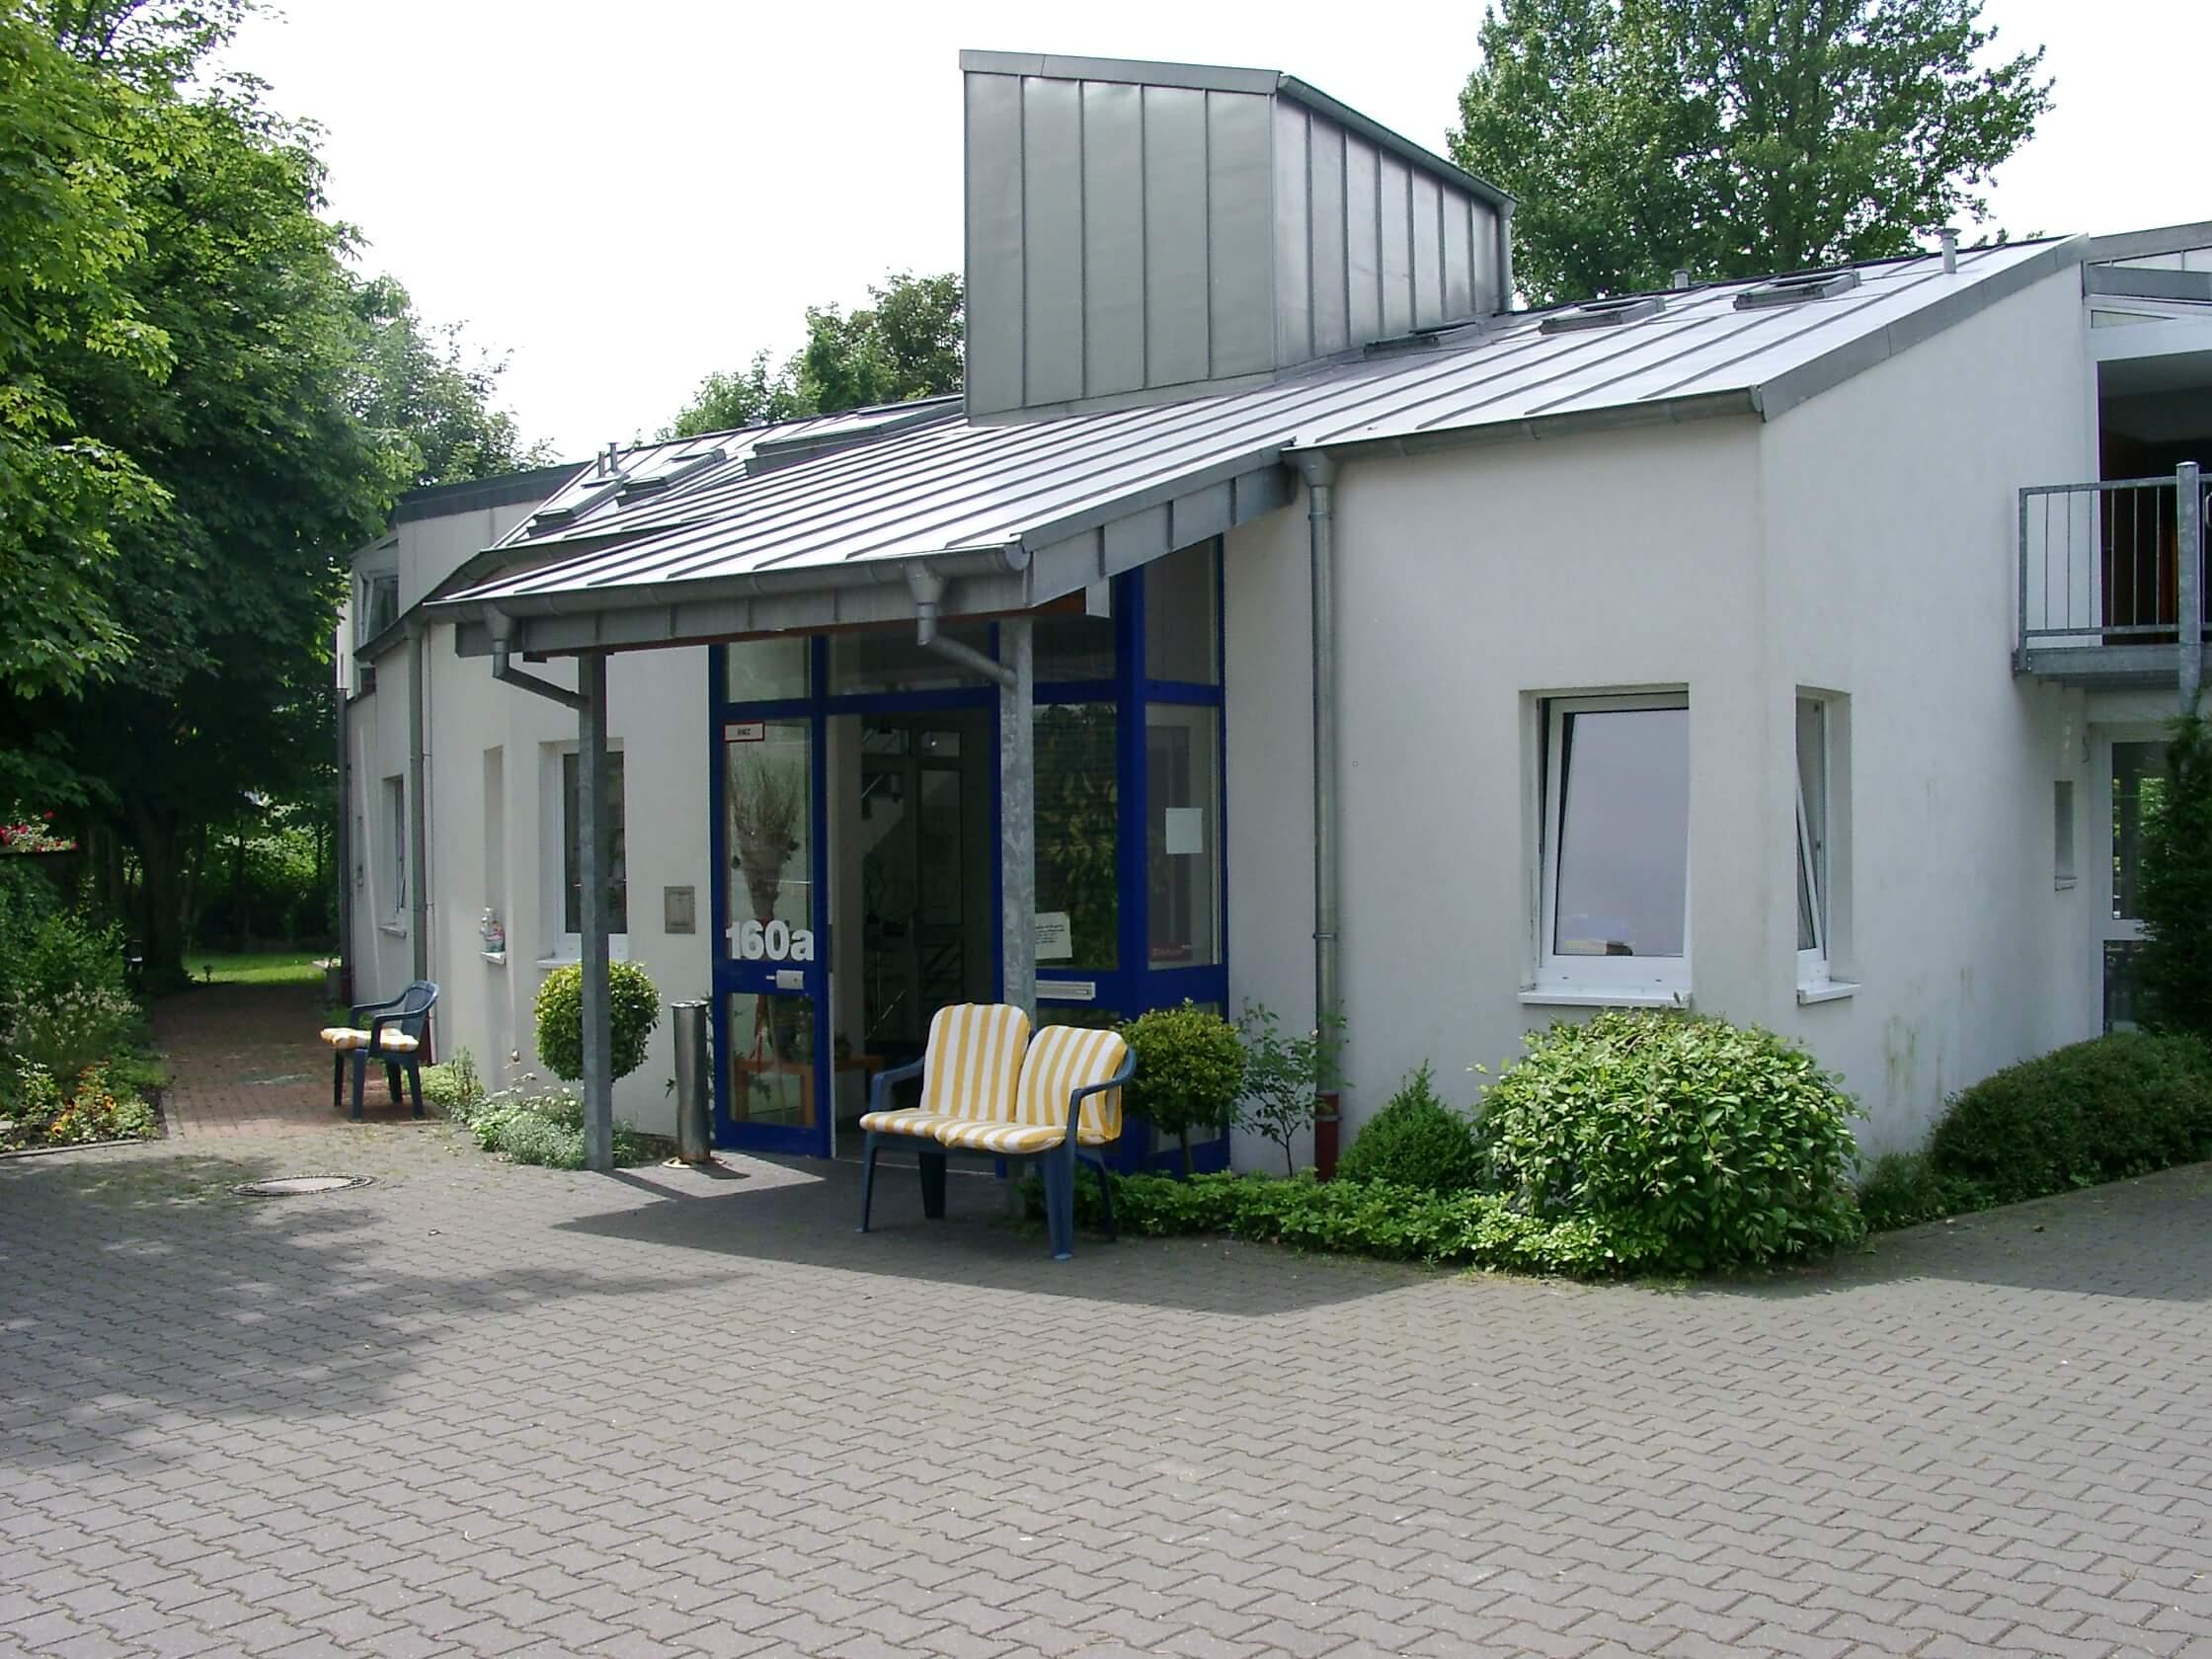 Altenpflege Mikfeld - Hausportrait